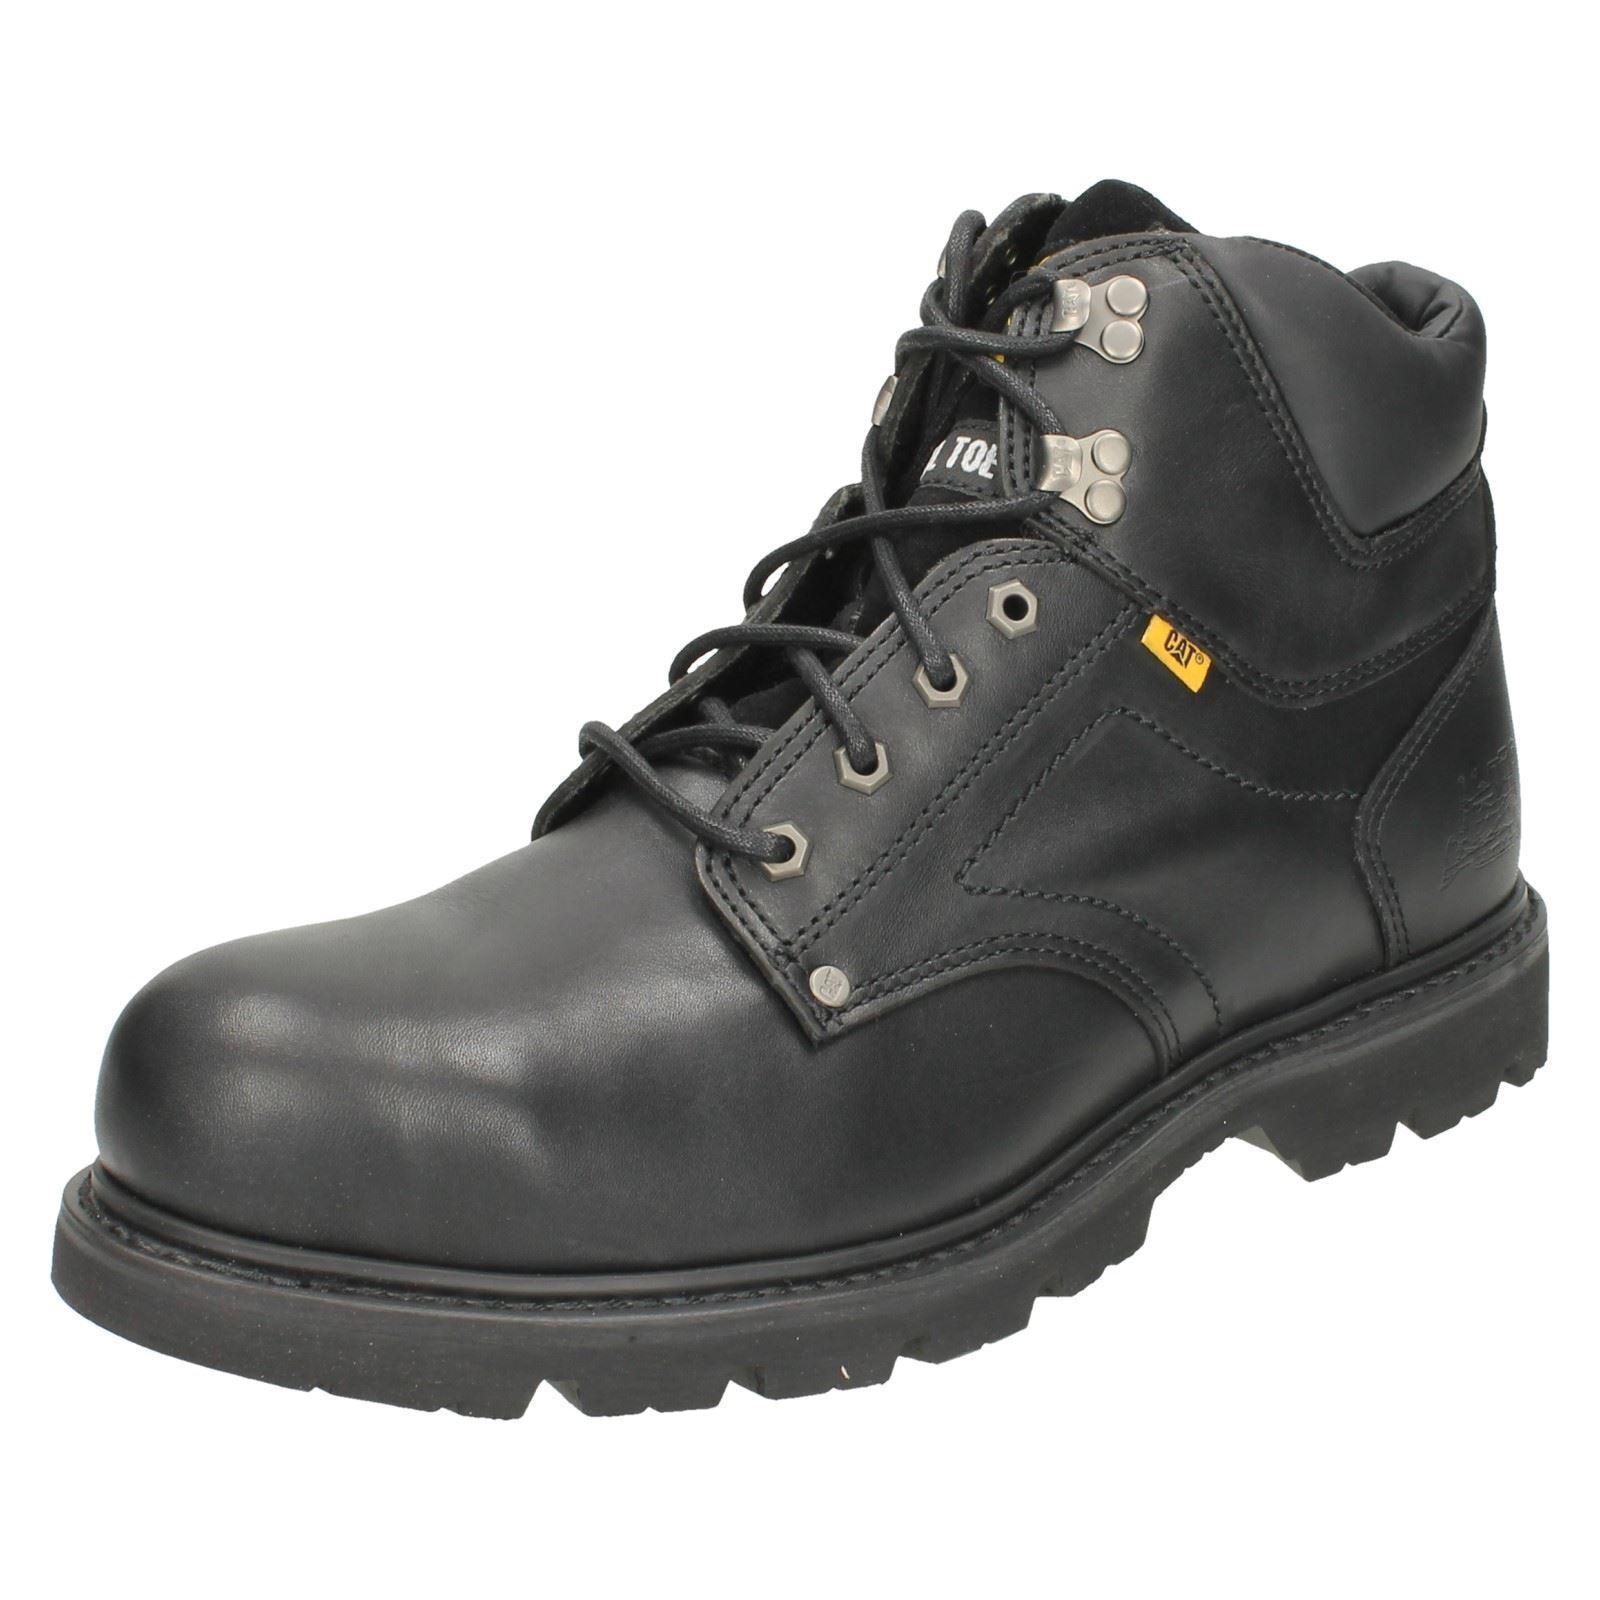 Hombre Hombre Hombre Grouser St leather steel toe cap botas by Caterpillar 59.99 c31c98